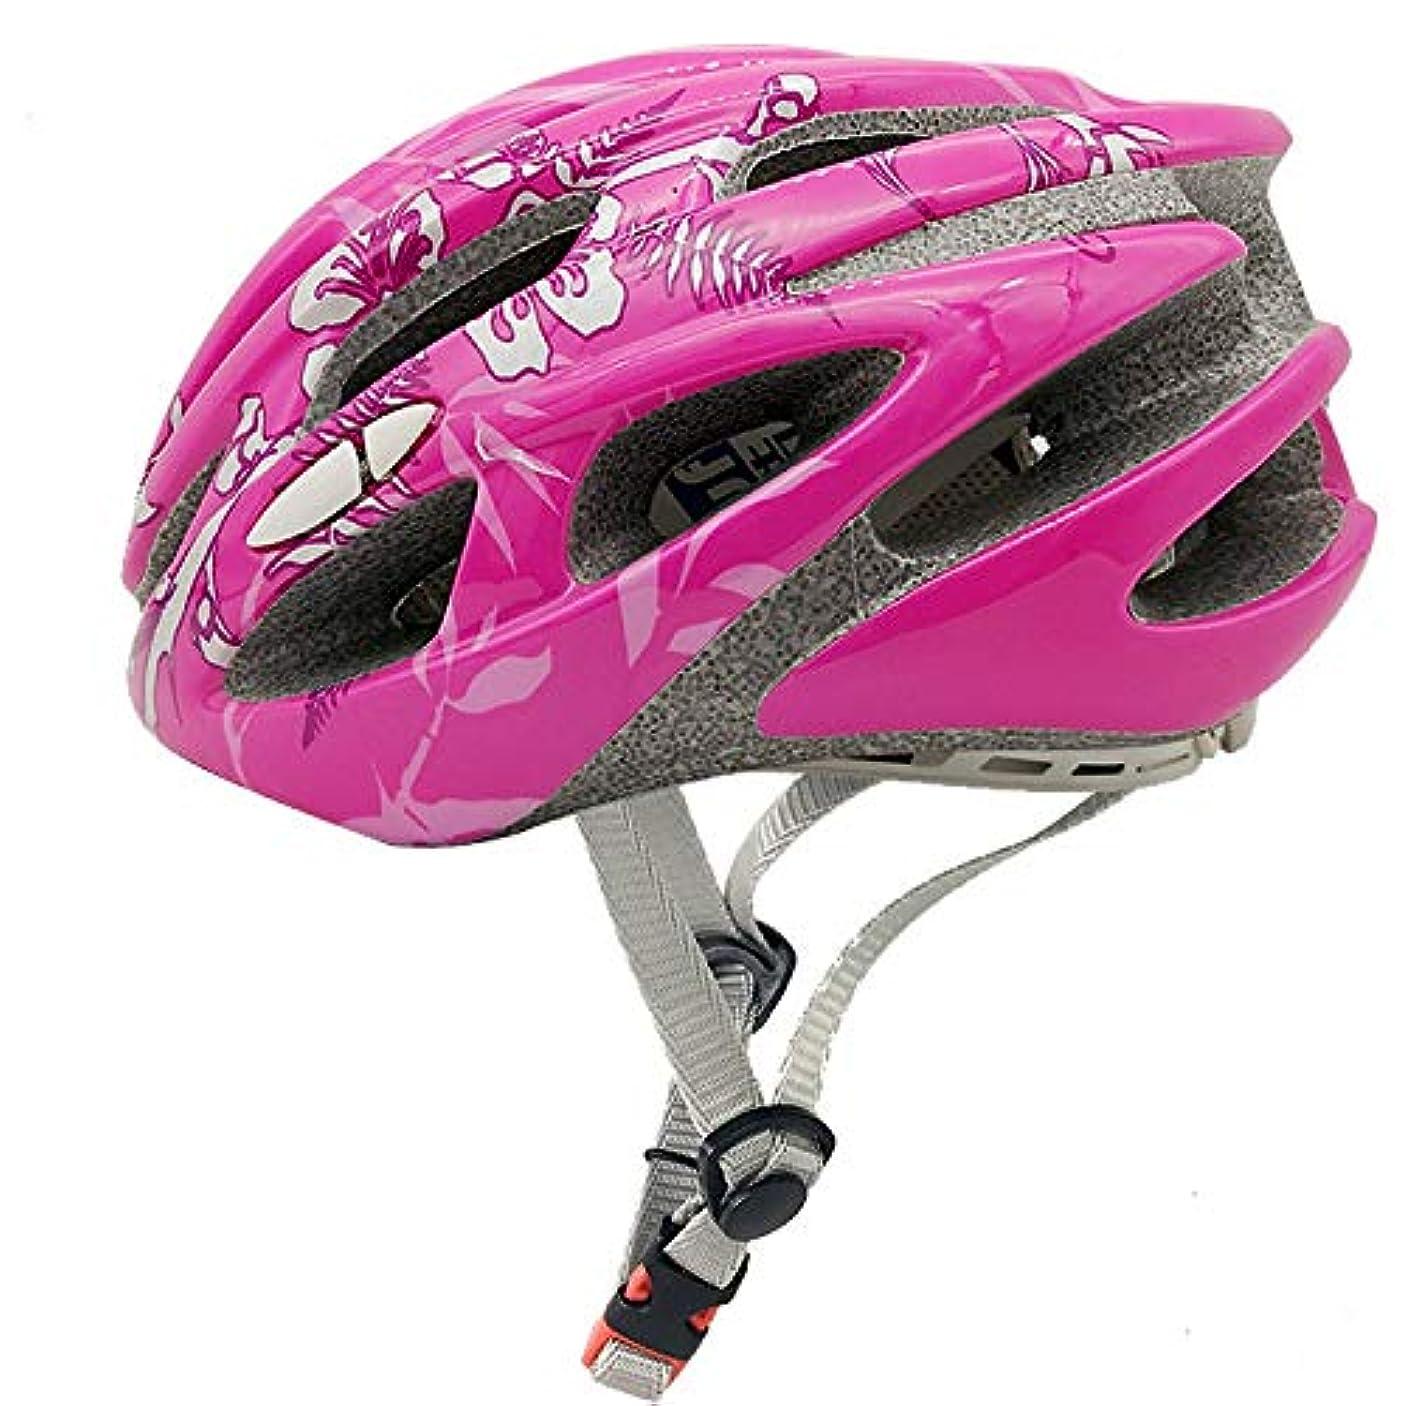 唯物論くそーチロKUFUN ヘルメット こども用 自転車 軽量 キッズ プロテクター スケート 幼児 小学生 3-12歳